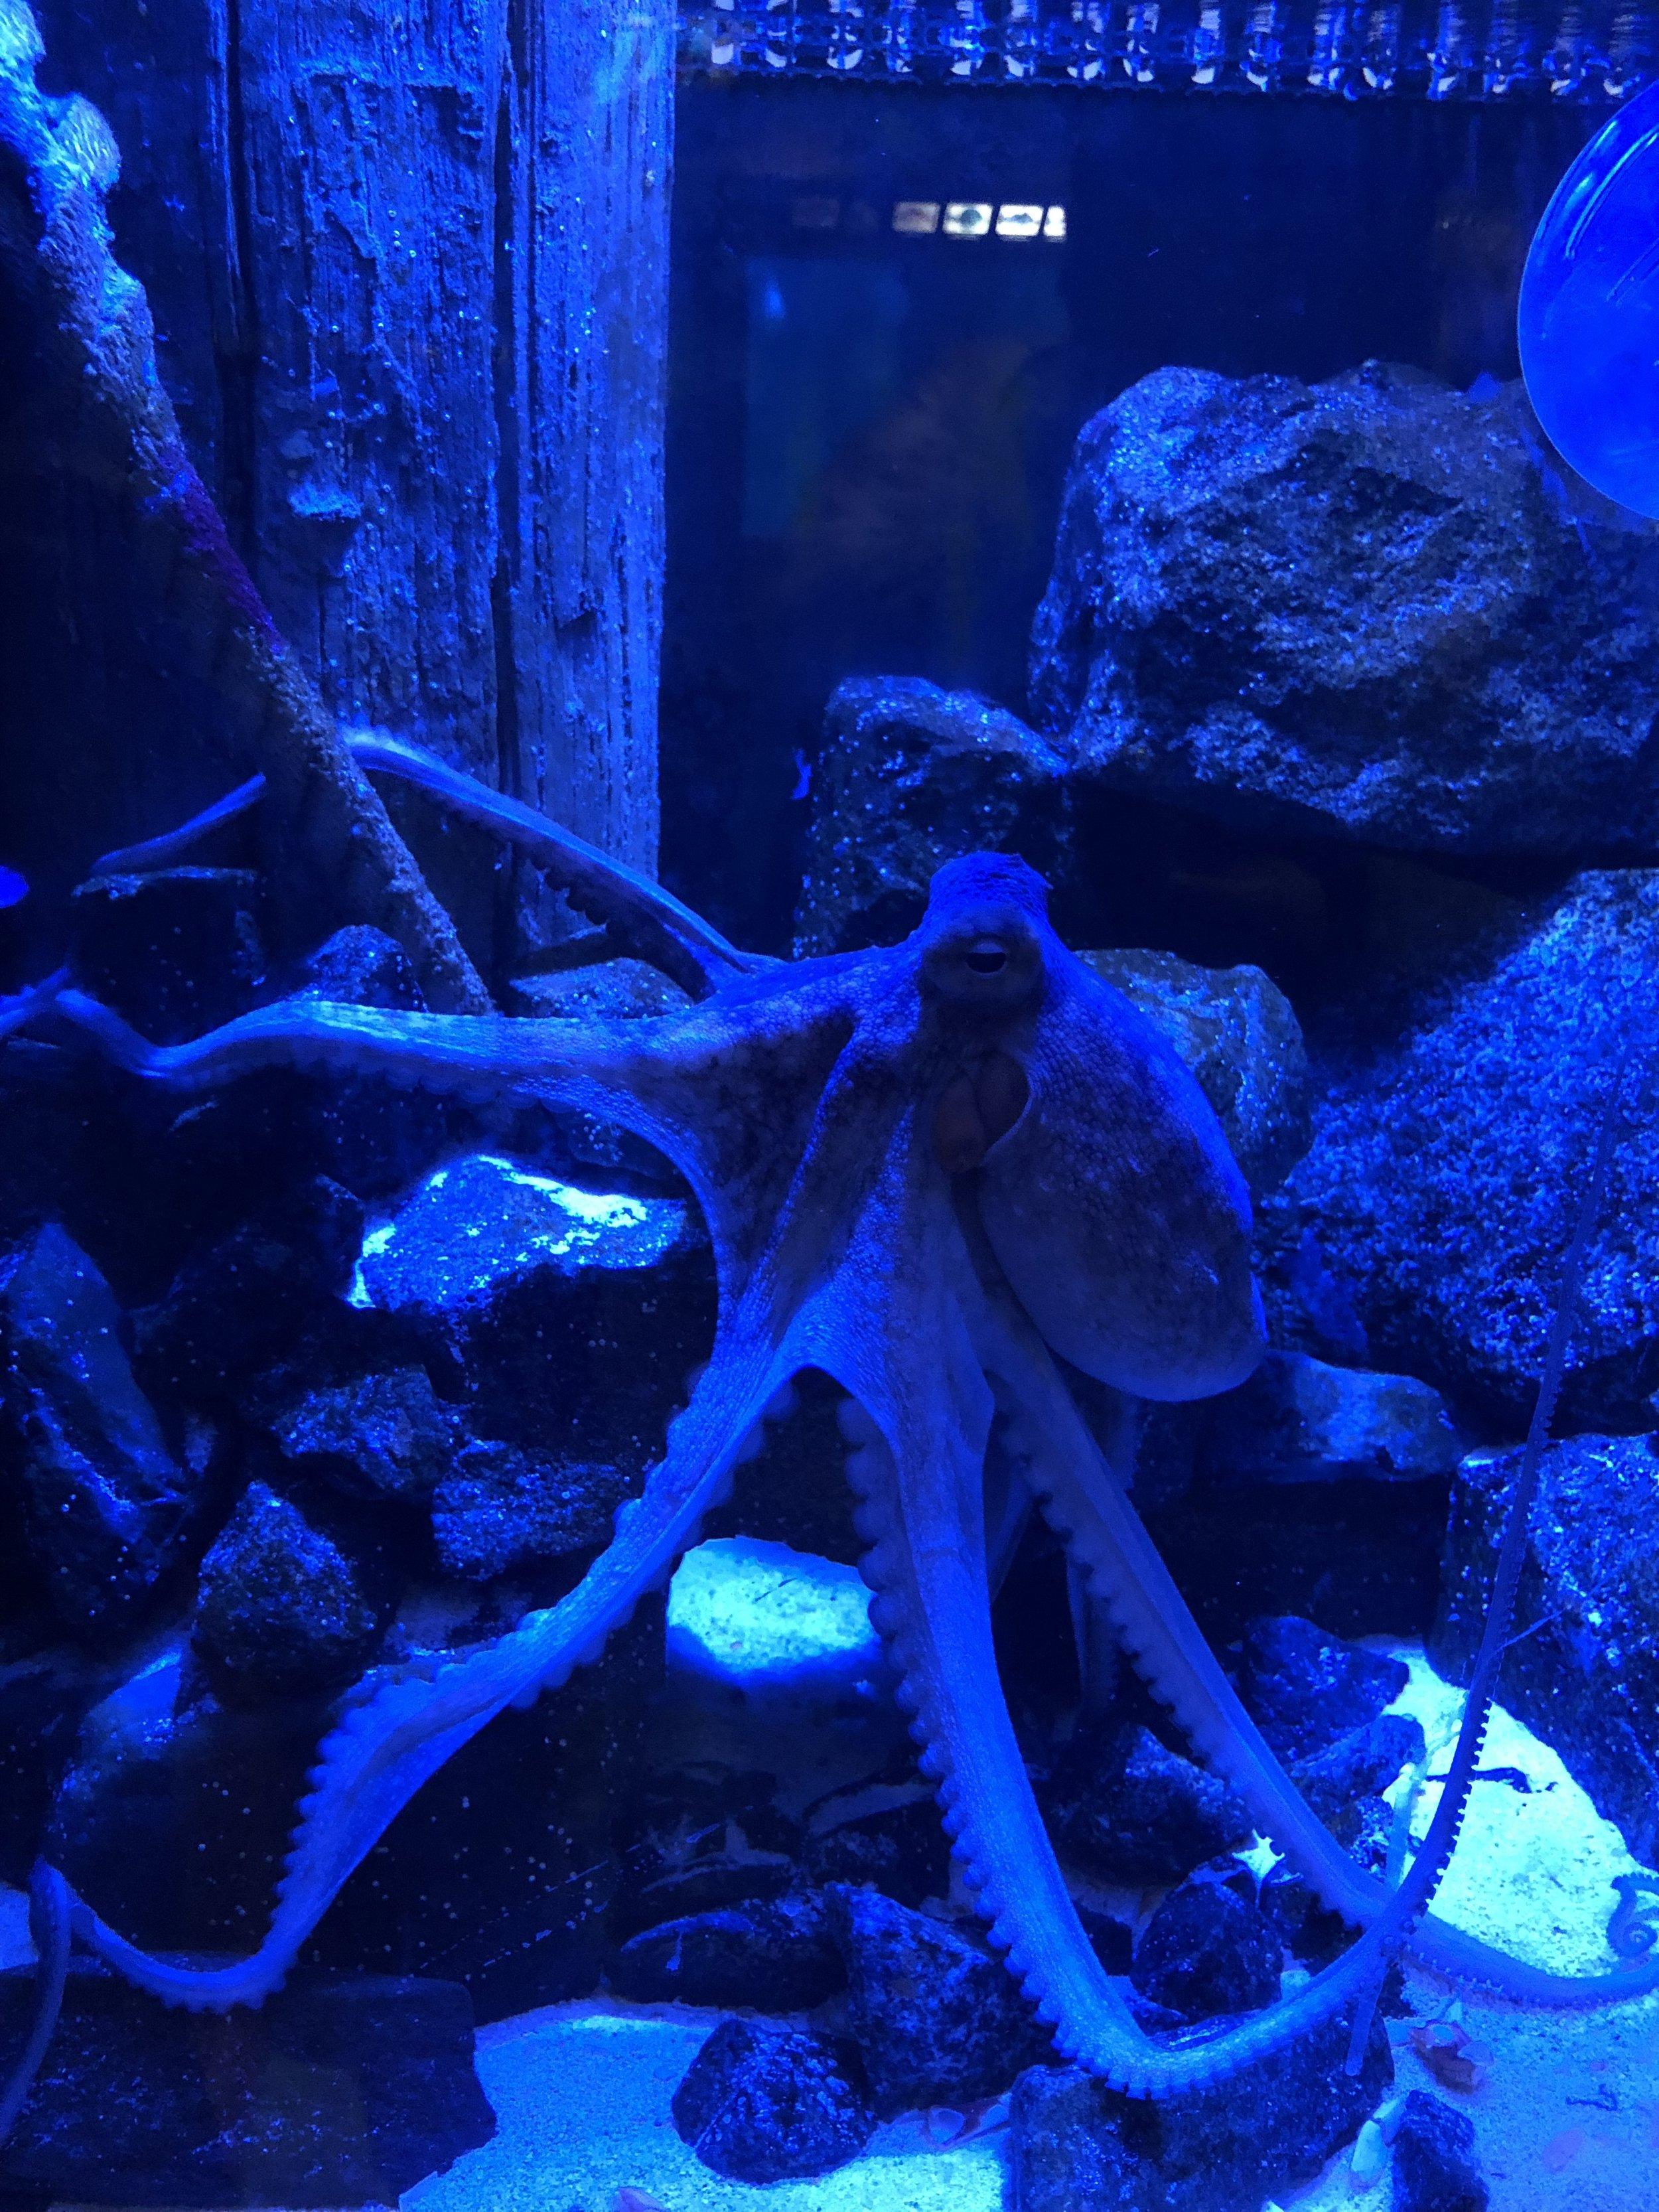 Aquarium: Octopus